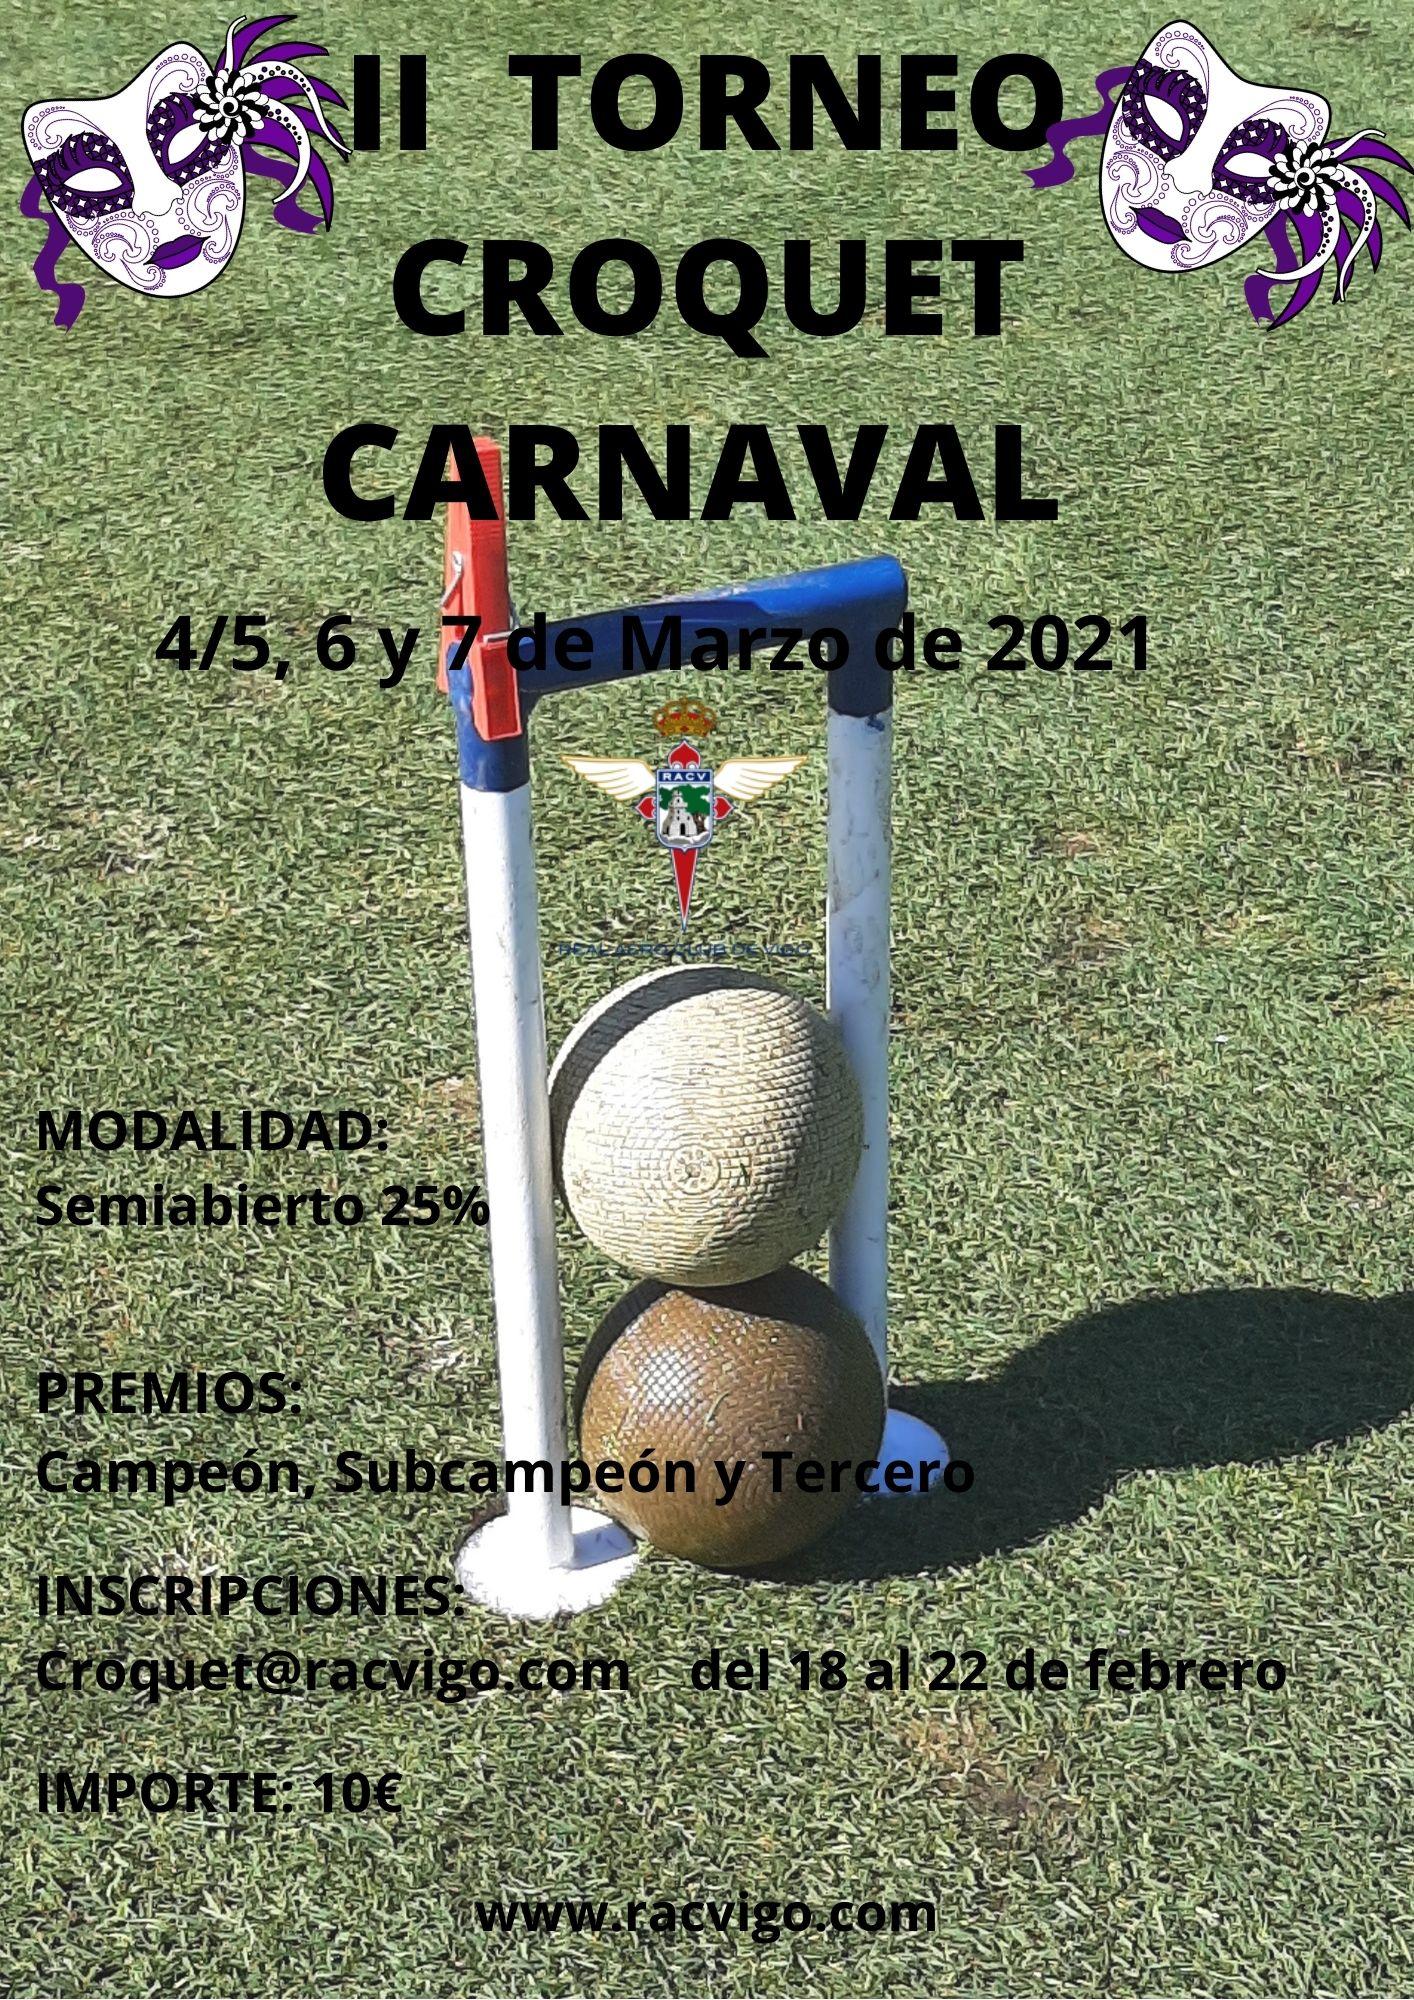 ii-torneo-croquet-carnaval-2021-1